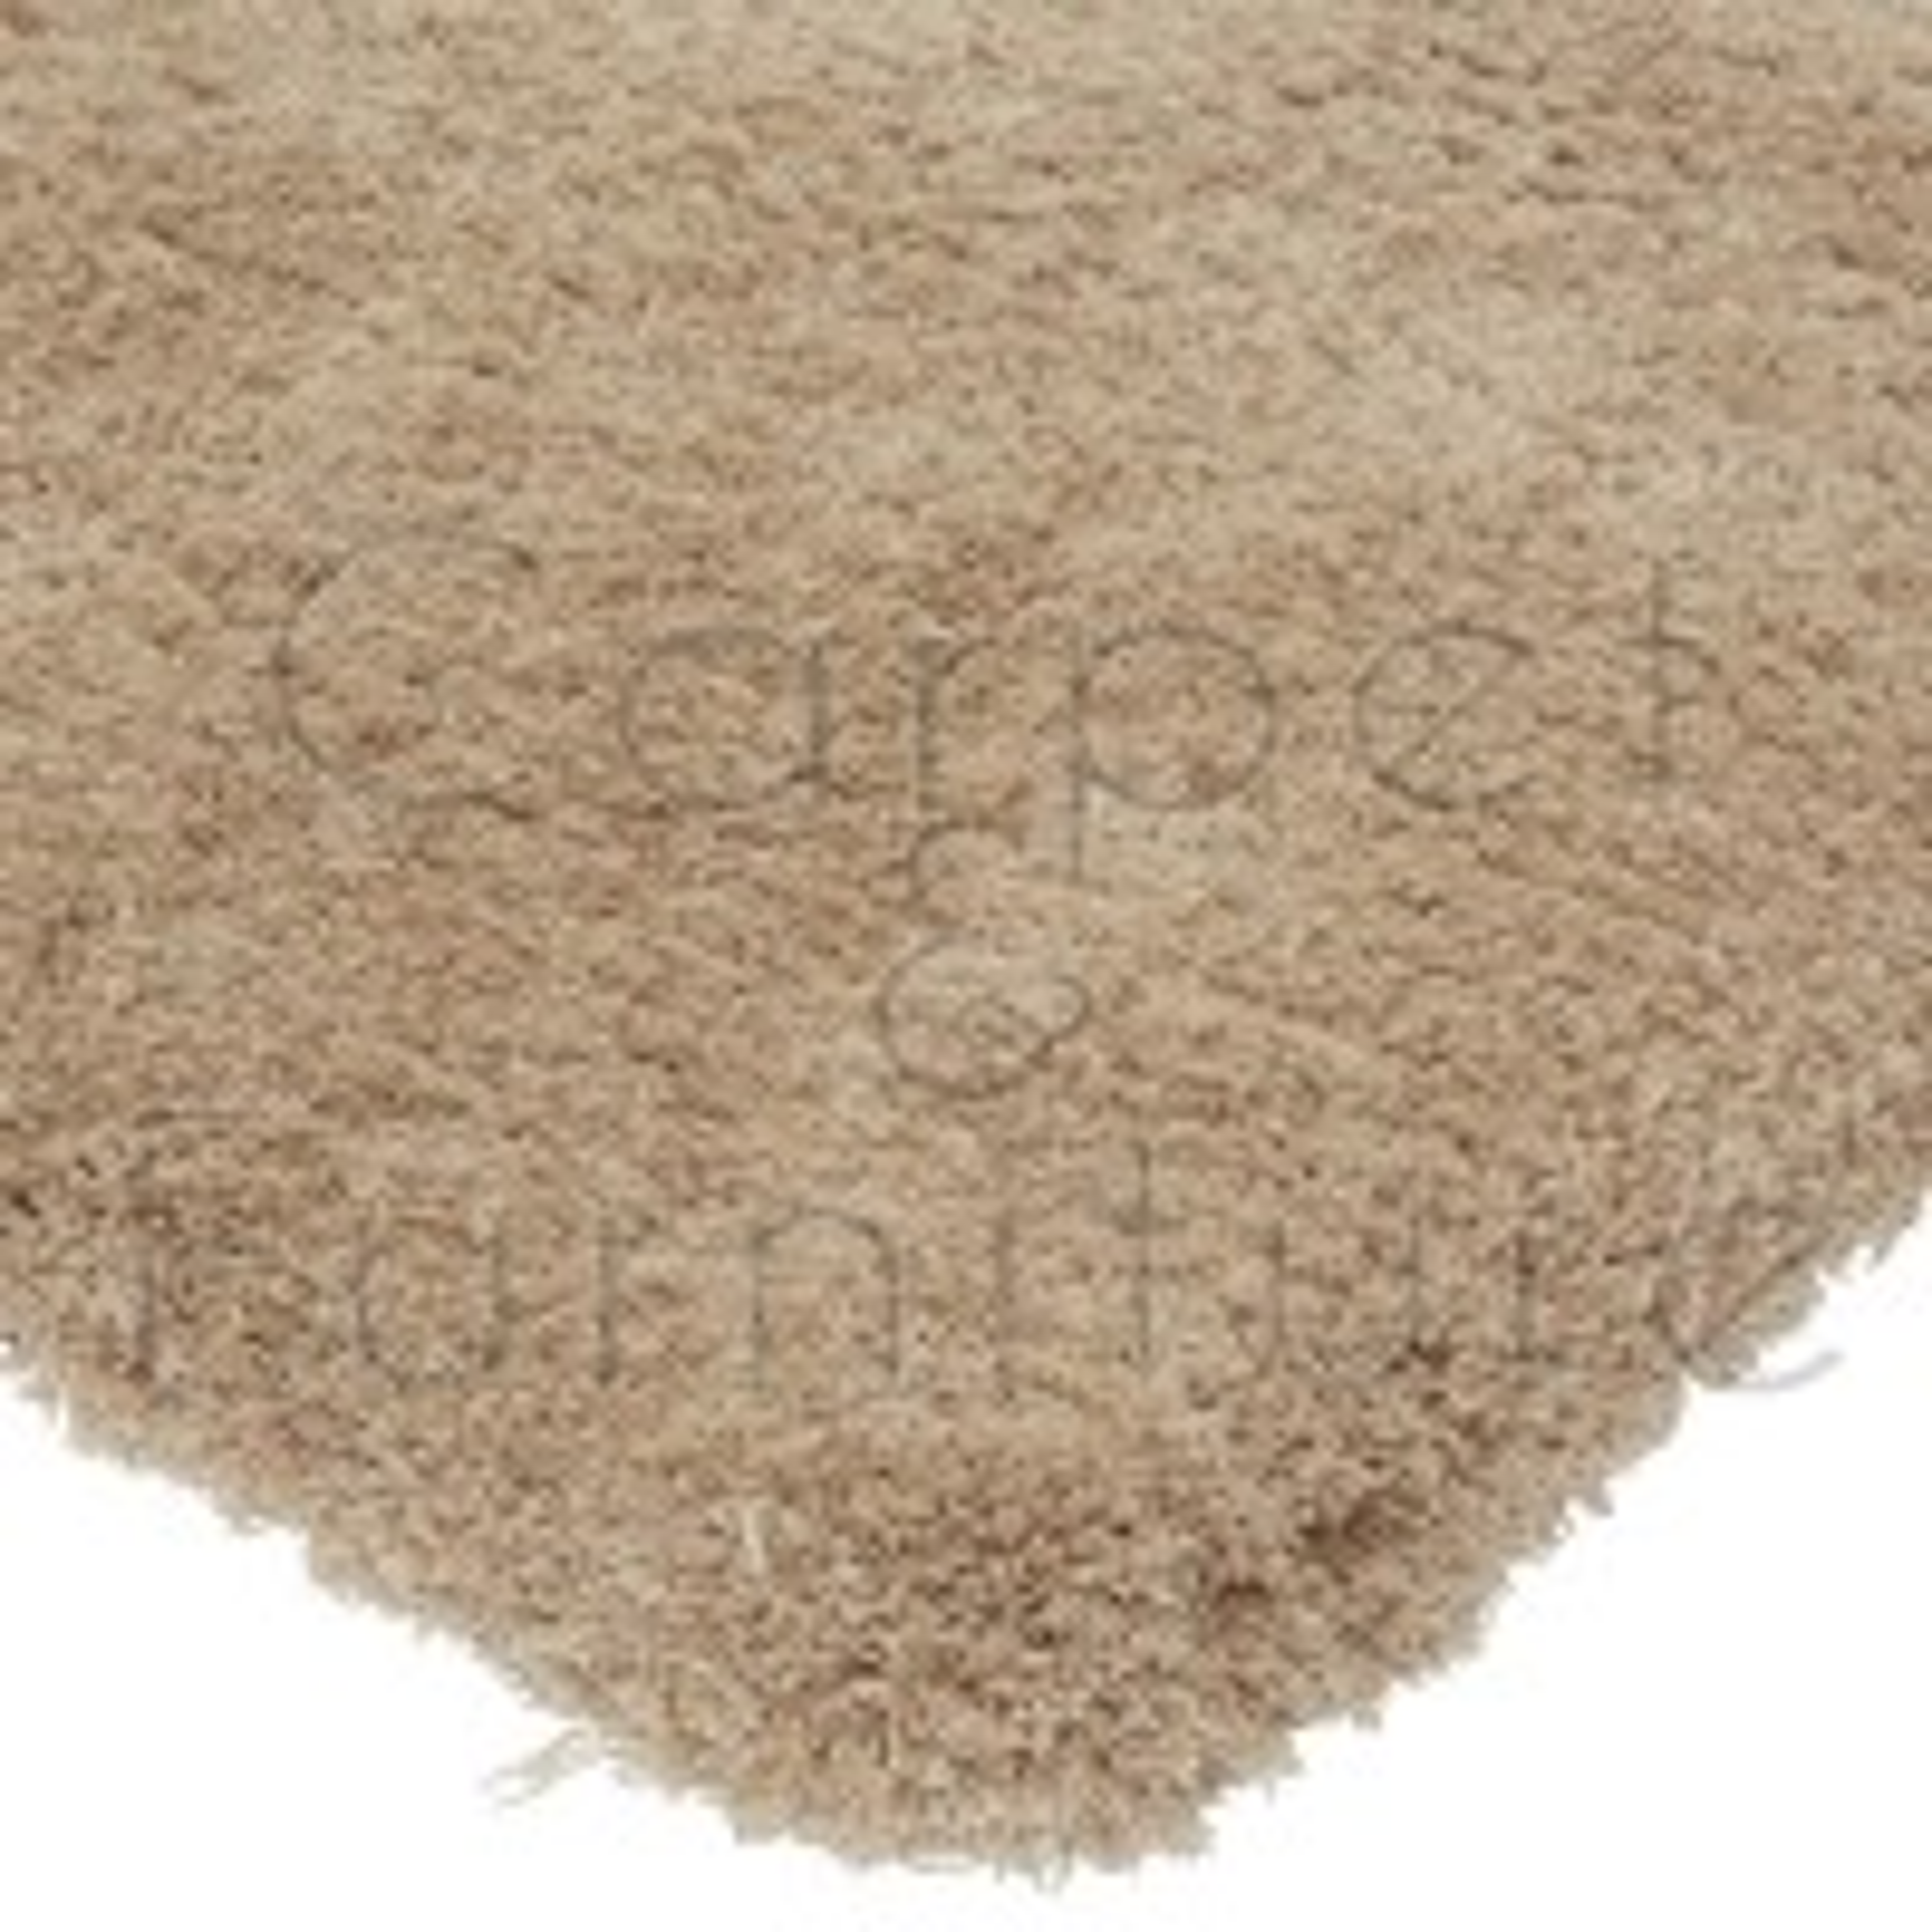 """Lulu Shaggy Rug - Sand - Size 160 x 230 cm (5'3"""" x 7'7"""")"""